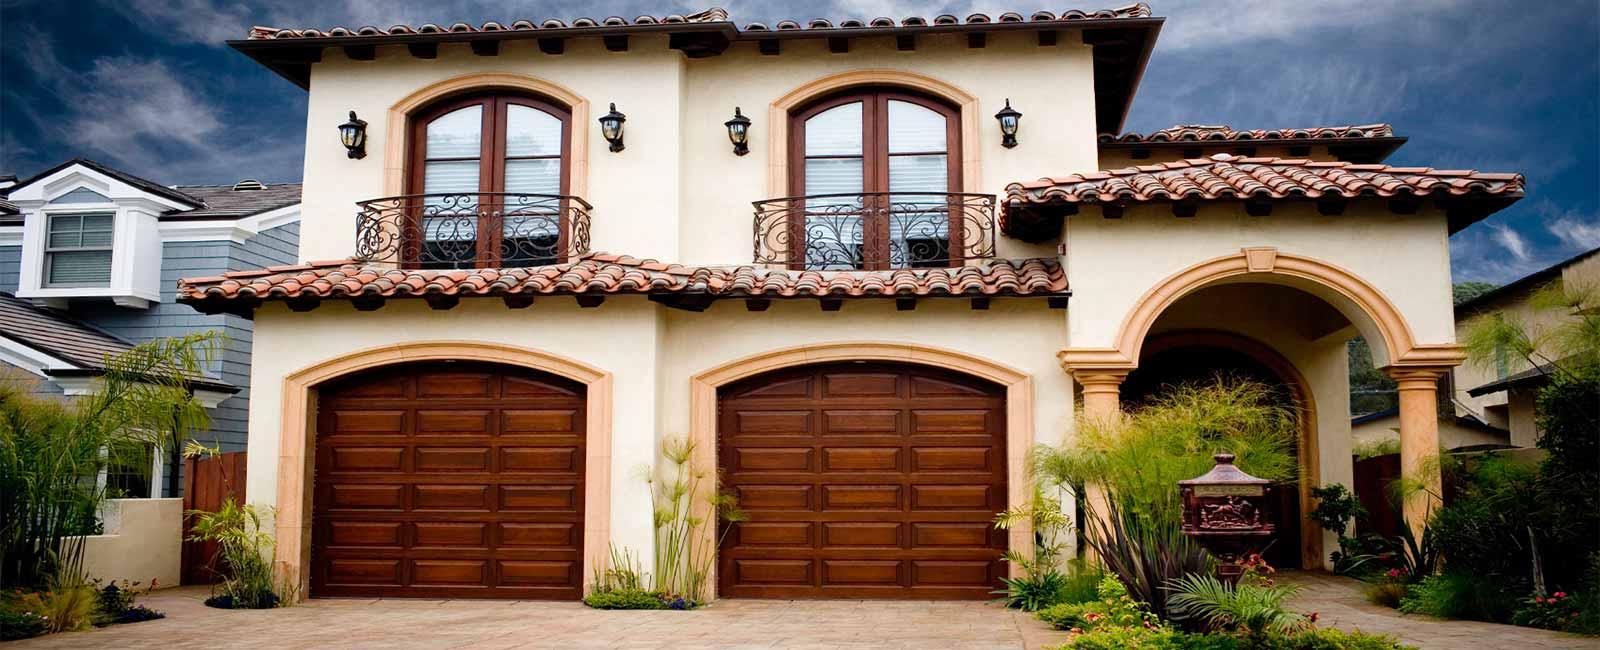 Garage Door Repair Ellicott City MD   Local U0026 Professional